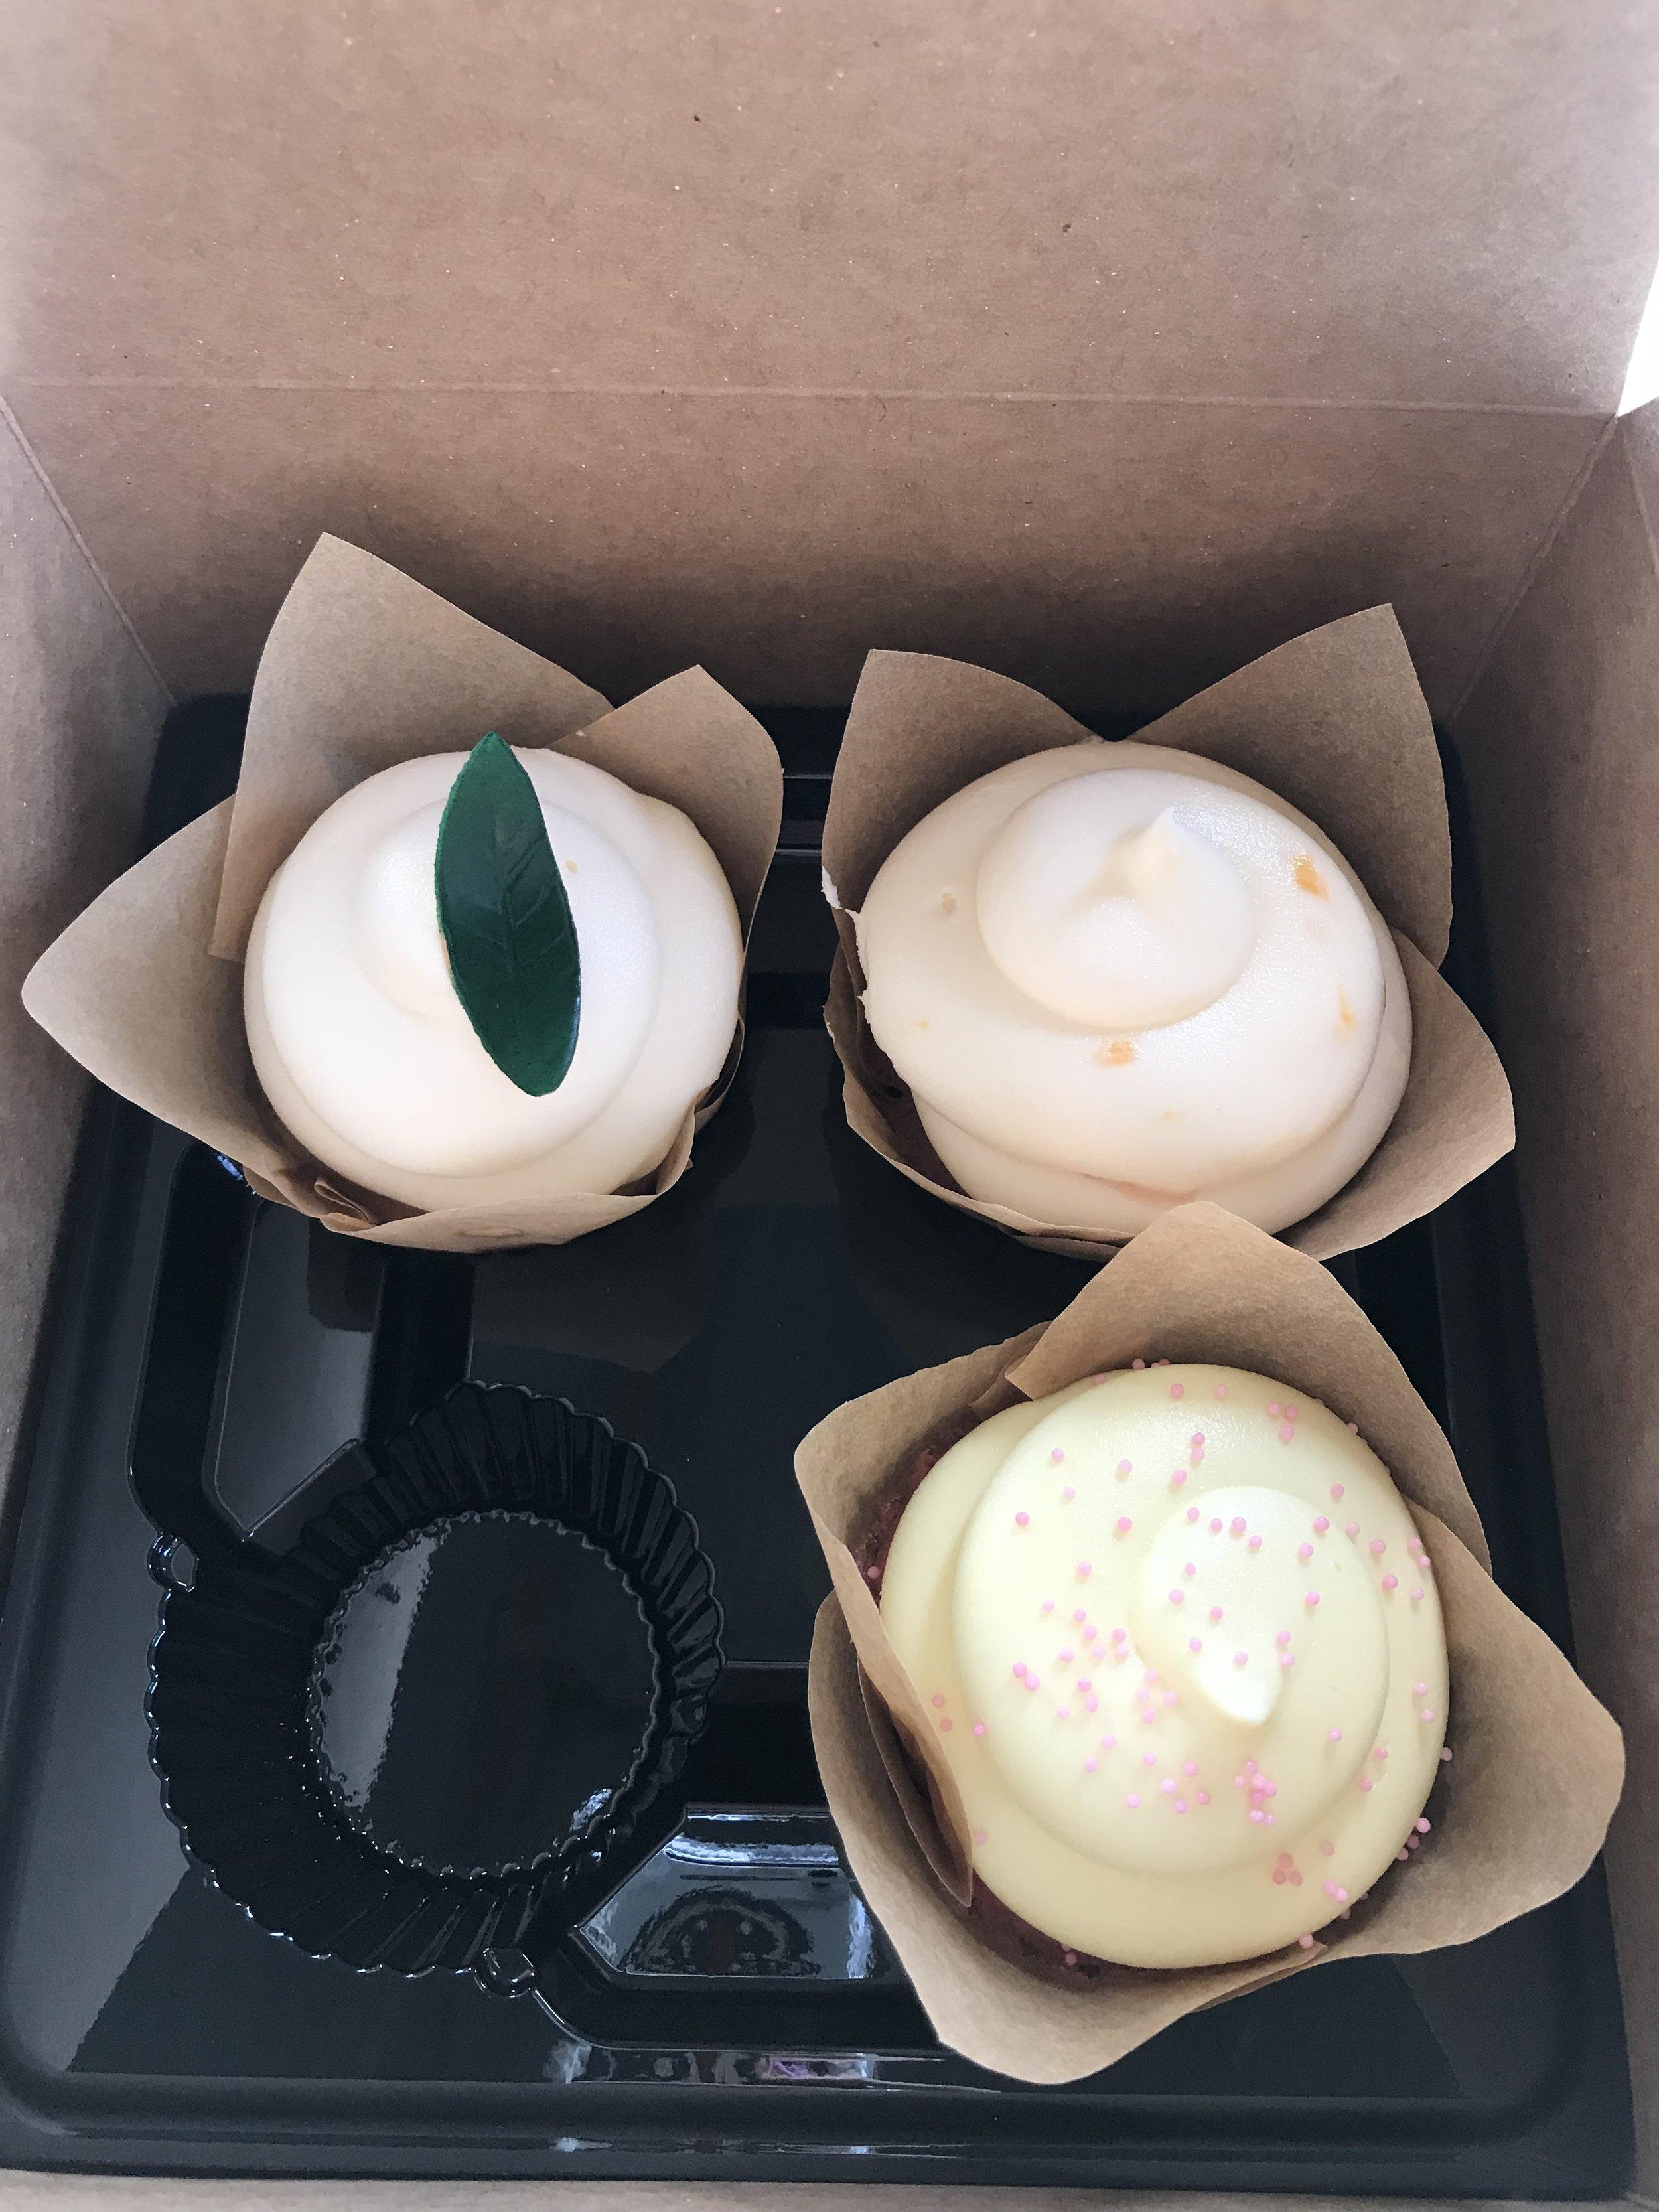 Cupcakes!! Mmmm.